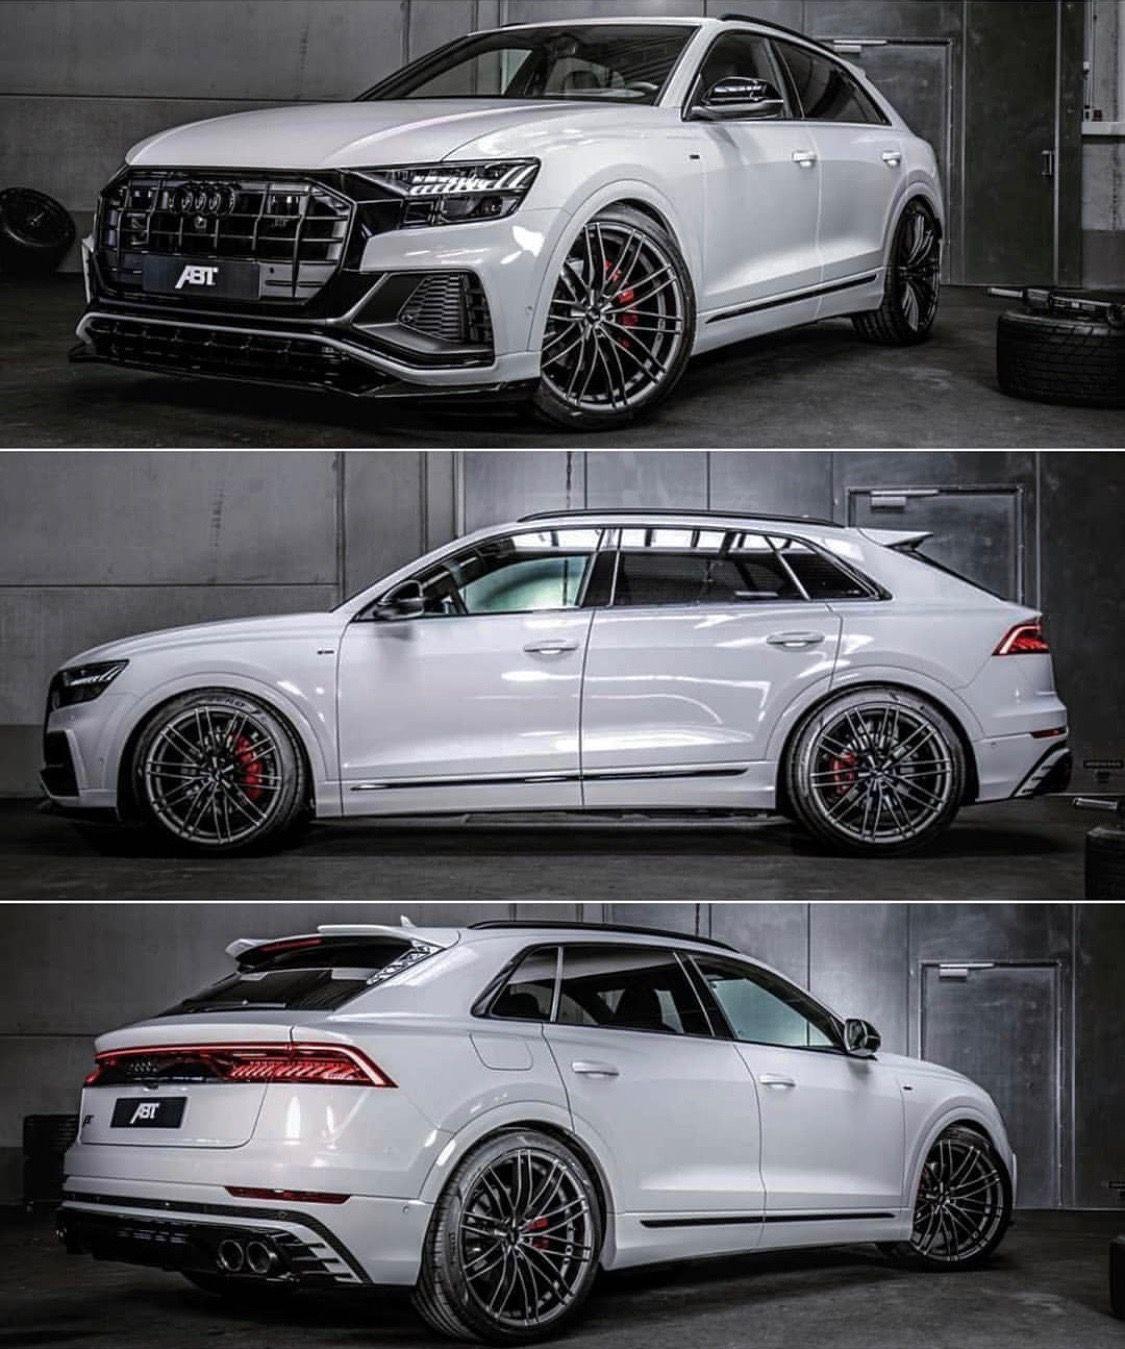 Audi Q8 White Custom Modified By Abt In 2020 Audi Audi Suv Audi Q